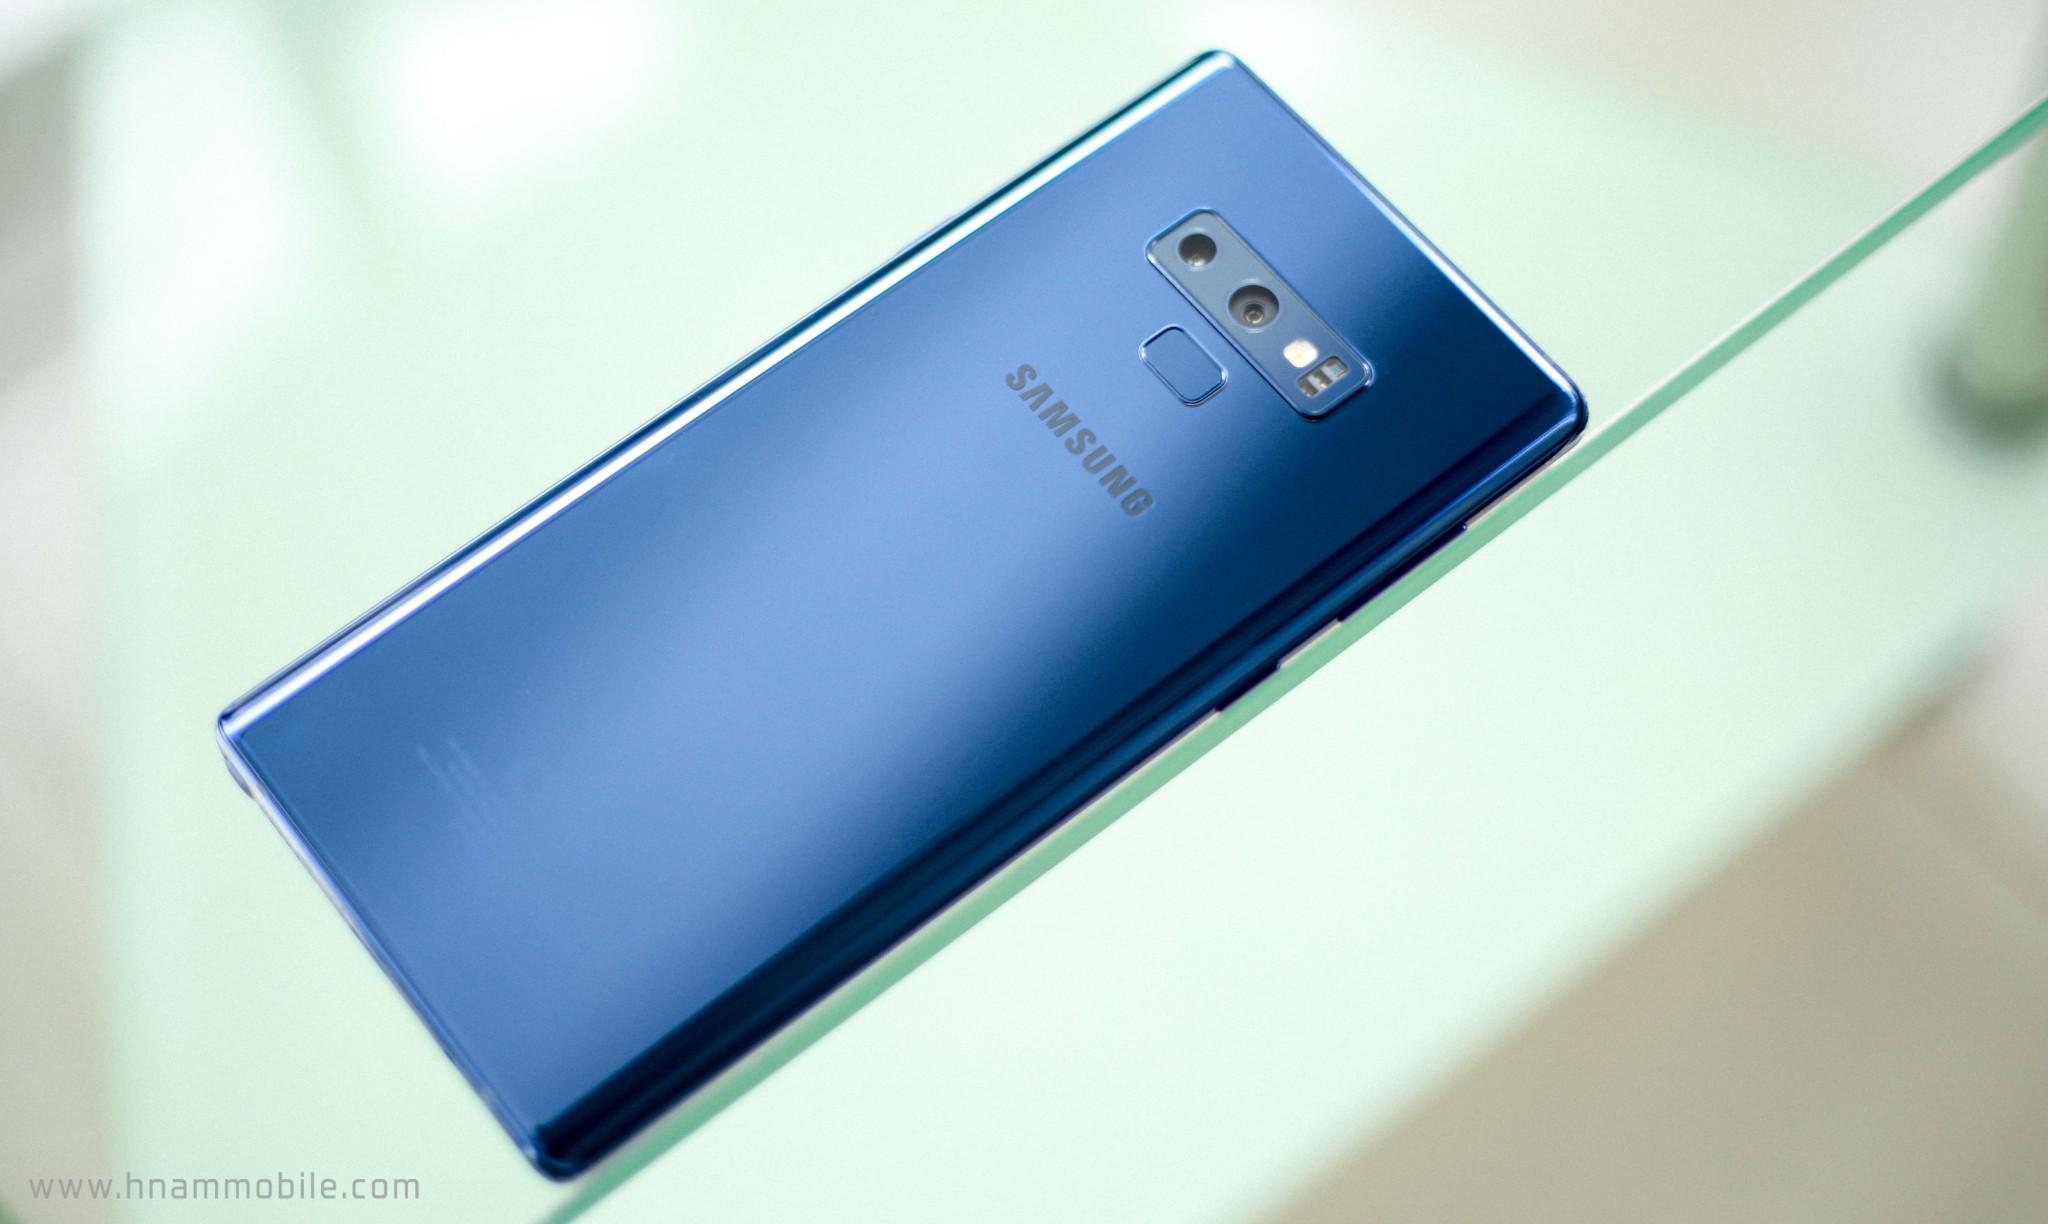 Đập hộp Galaxy Note 9 chính hãng phiên bản 512GB bán tại Việt Nam hình 7